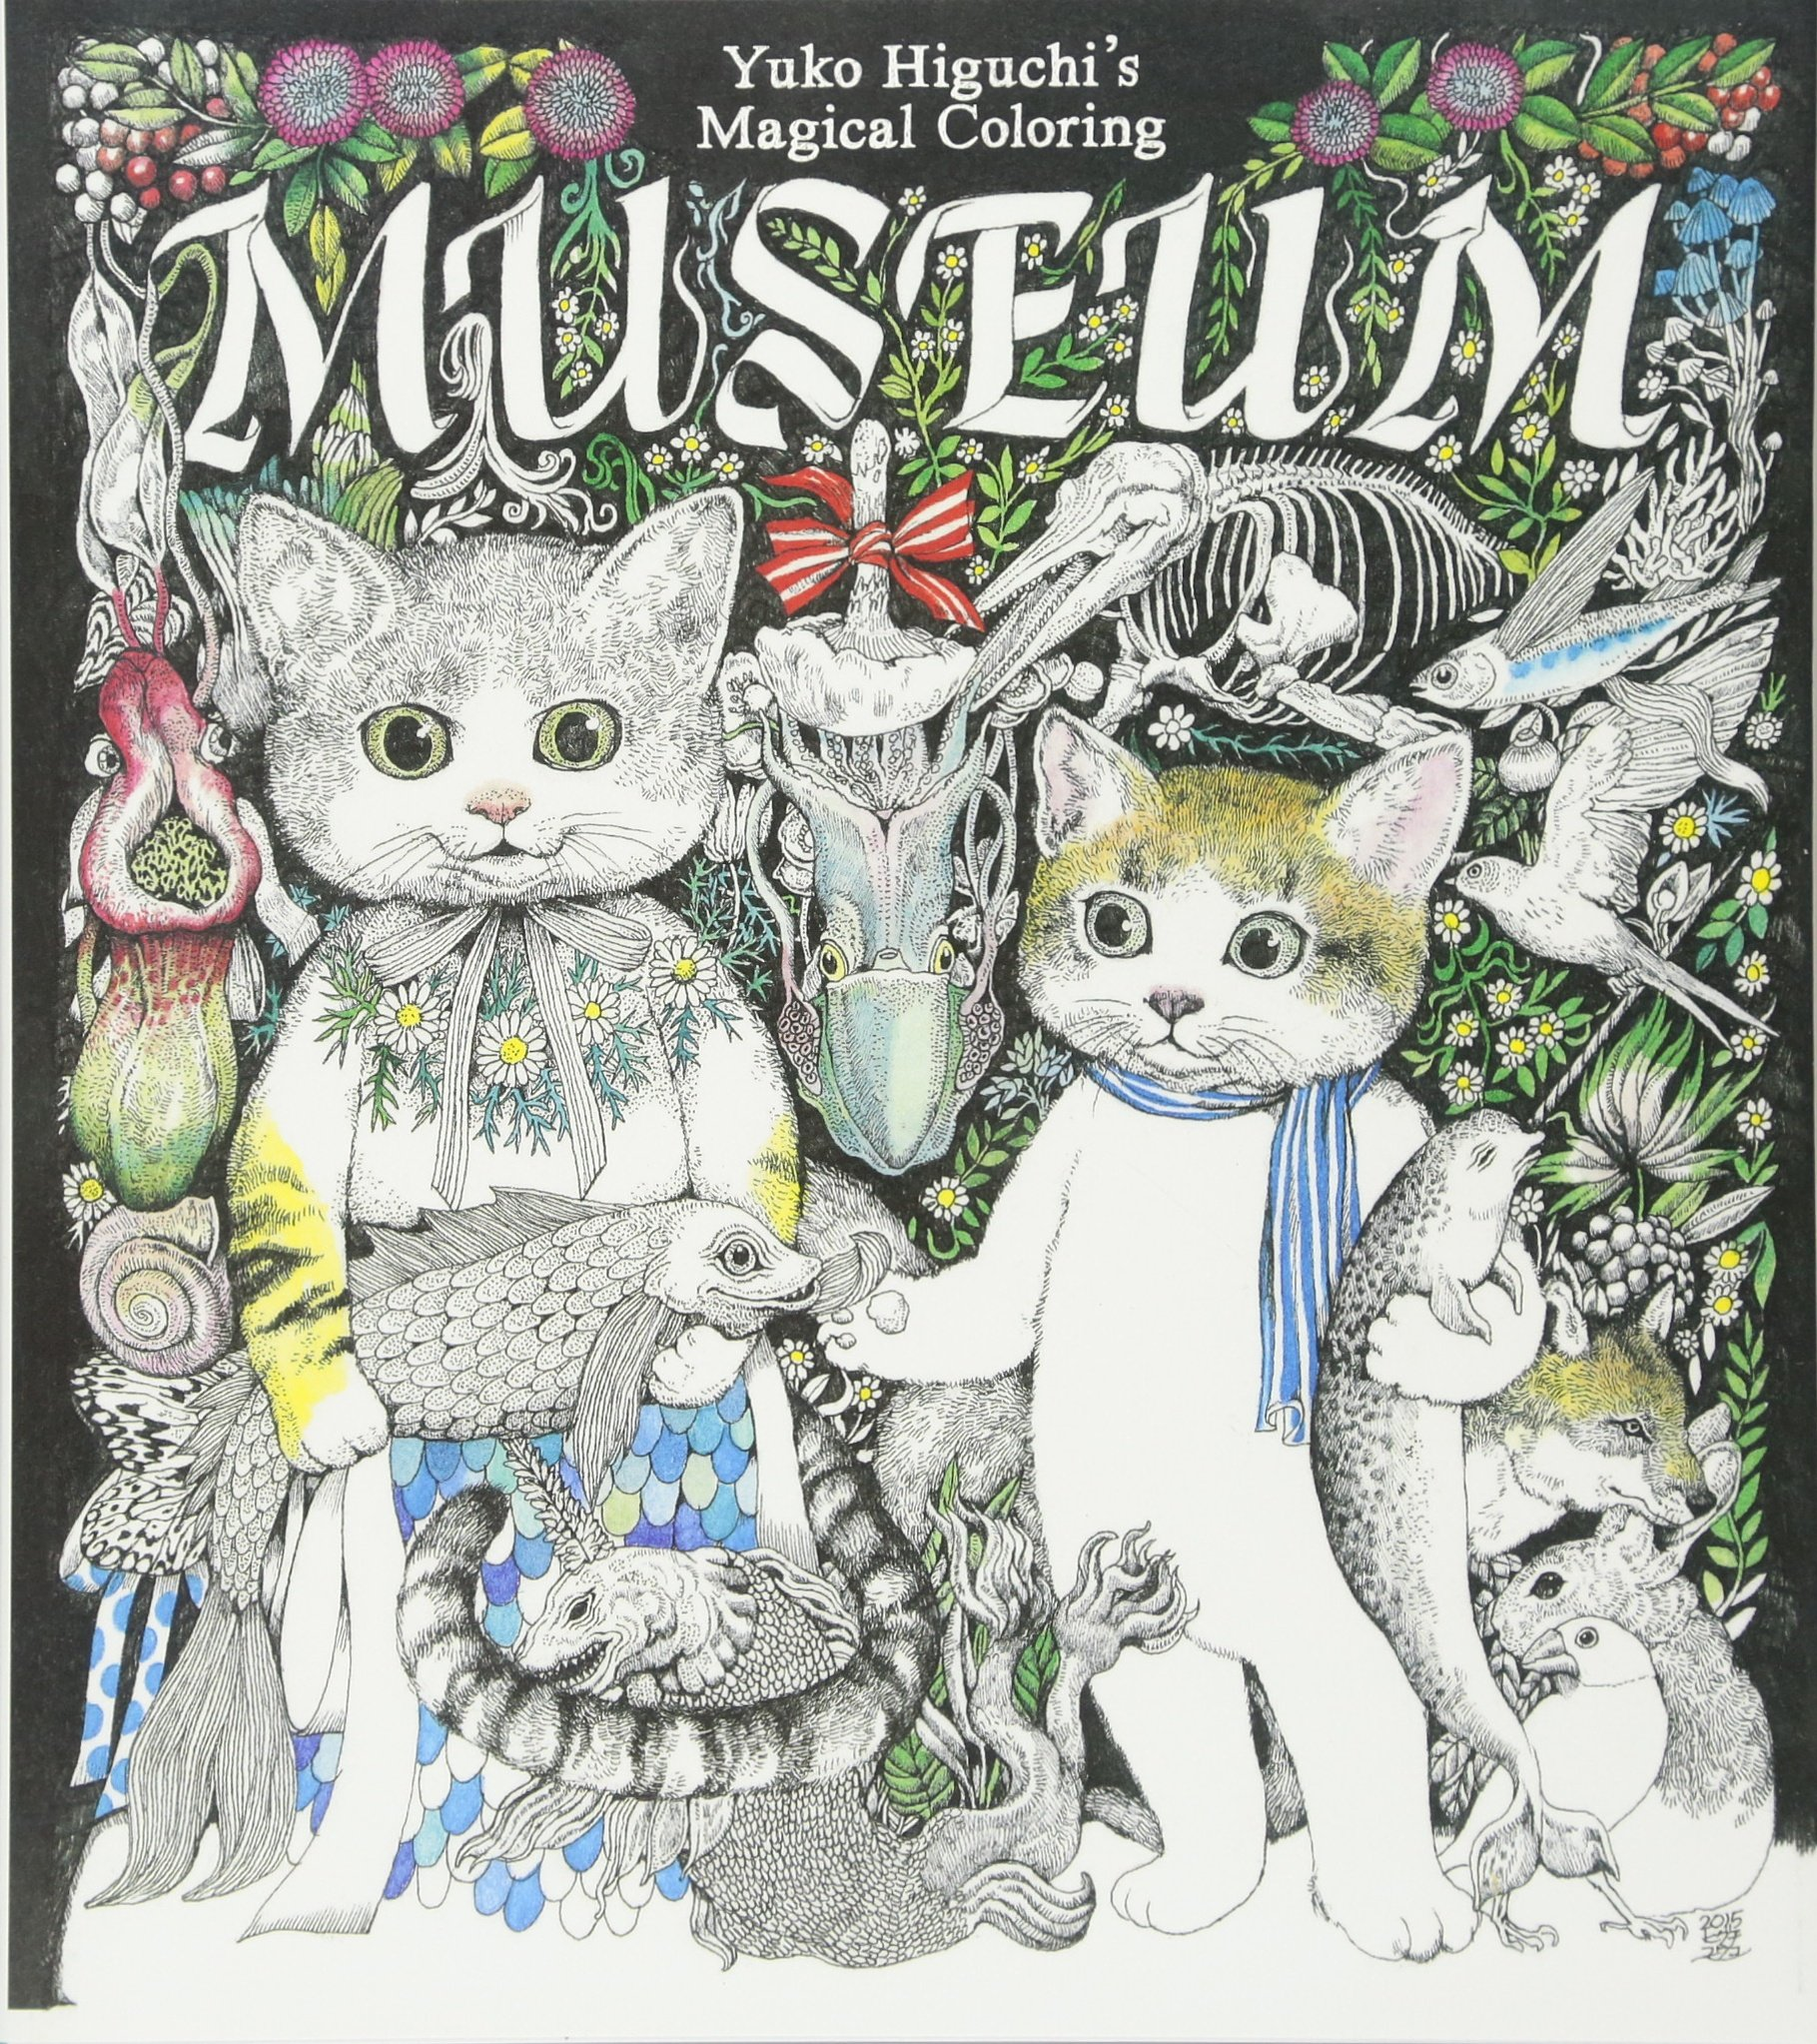 A fun magic coloring book amazon - Amazon Com Yuko Higuchi S Magical Coloring Museum 9781786270450 Yuko Higuchi Books